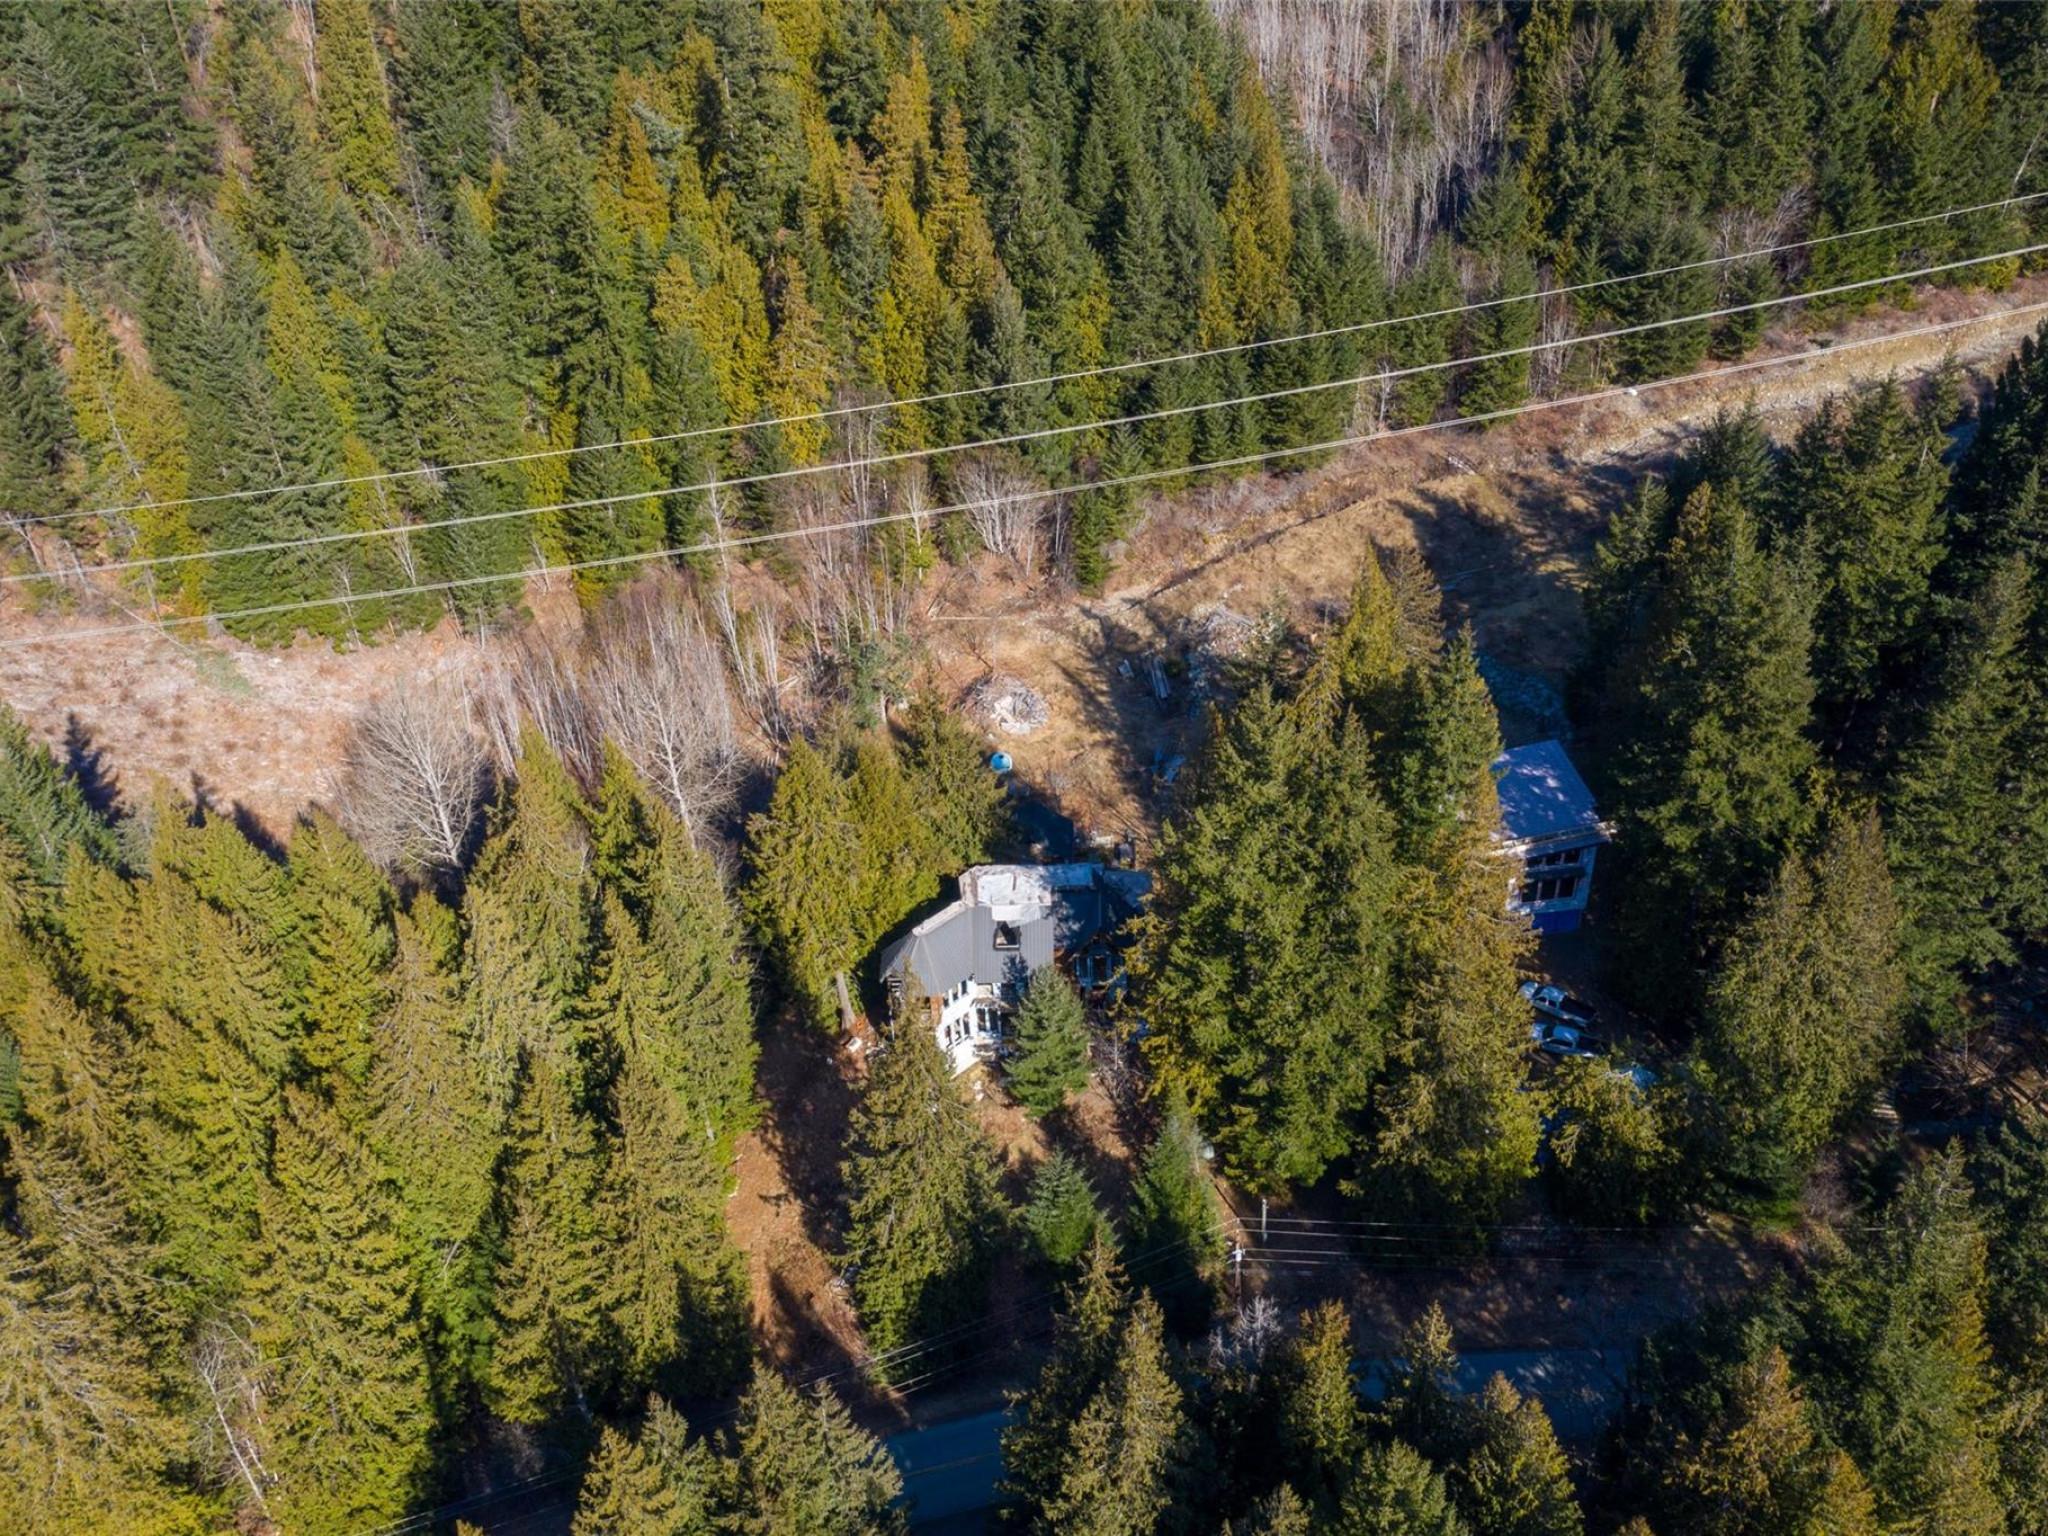 9209 Portage Road image 7